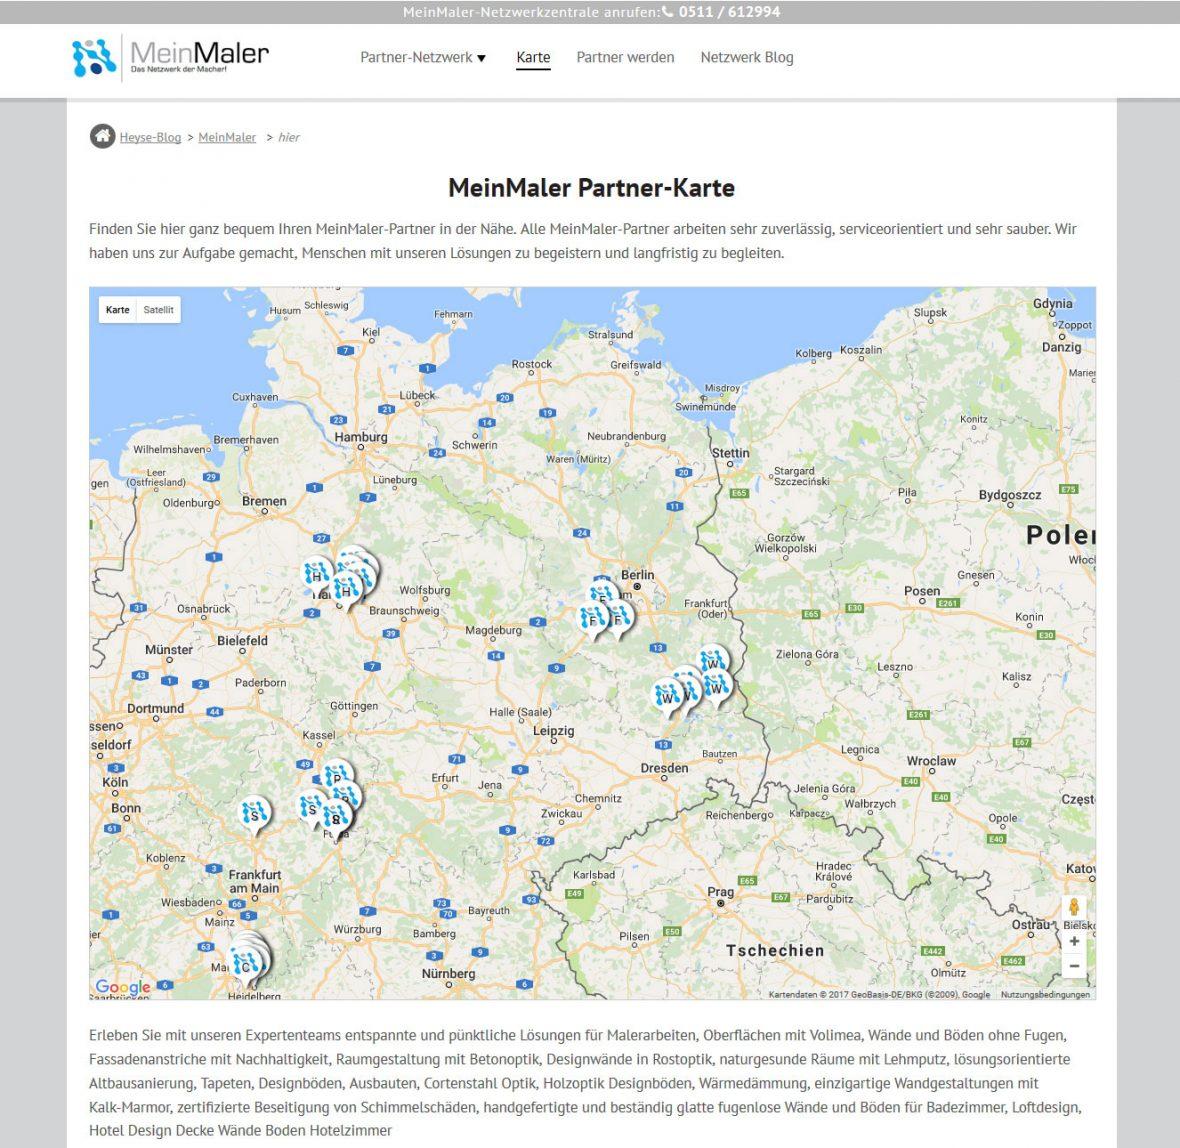 MeinMaler Partner-Karte